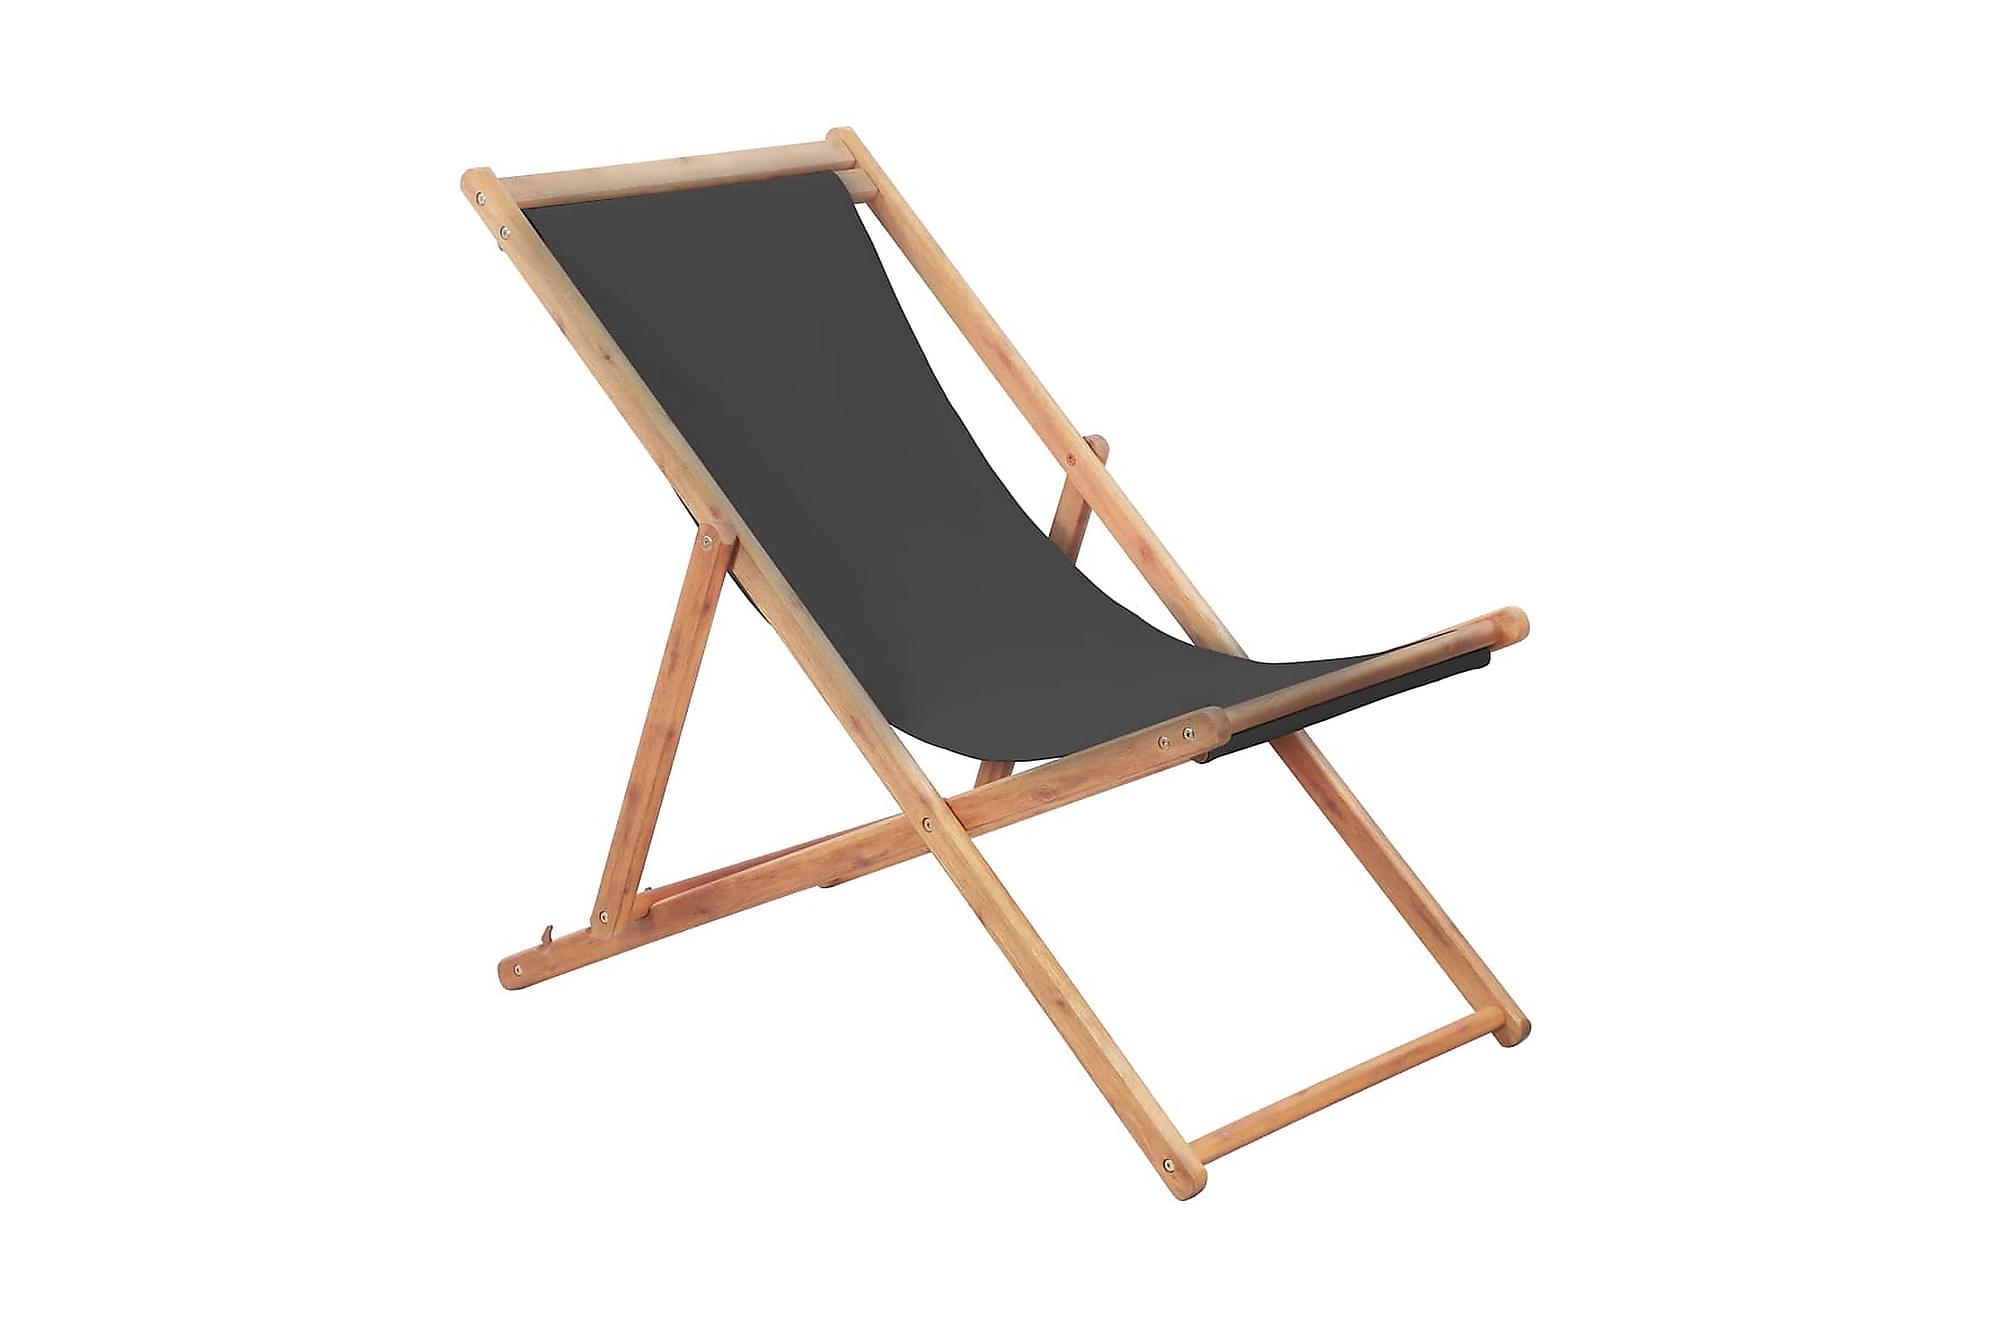 Hopfällbar strandstol tyg och träram grå, Utestolar